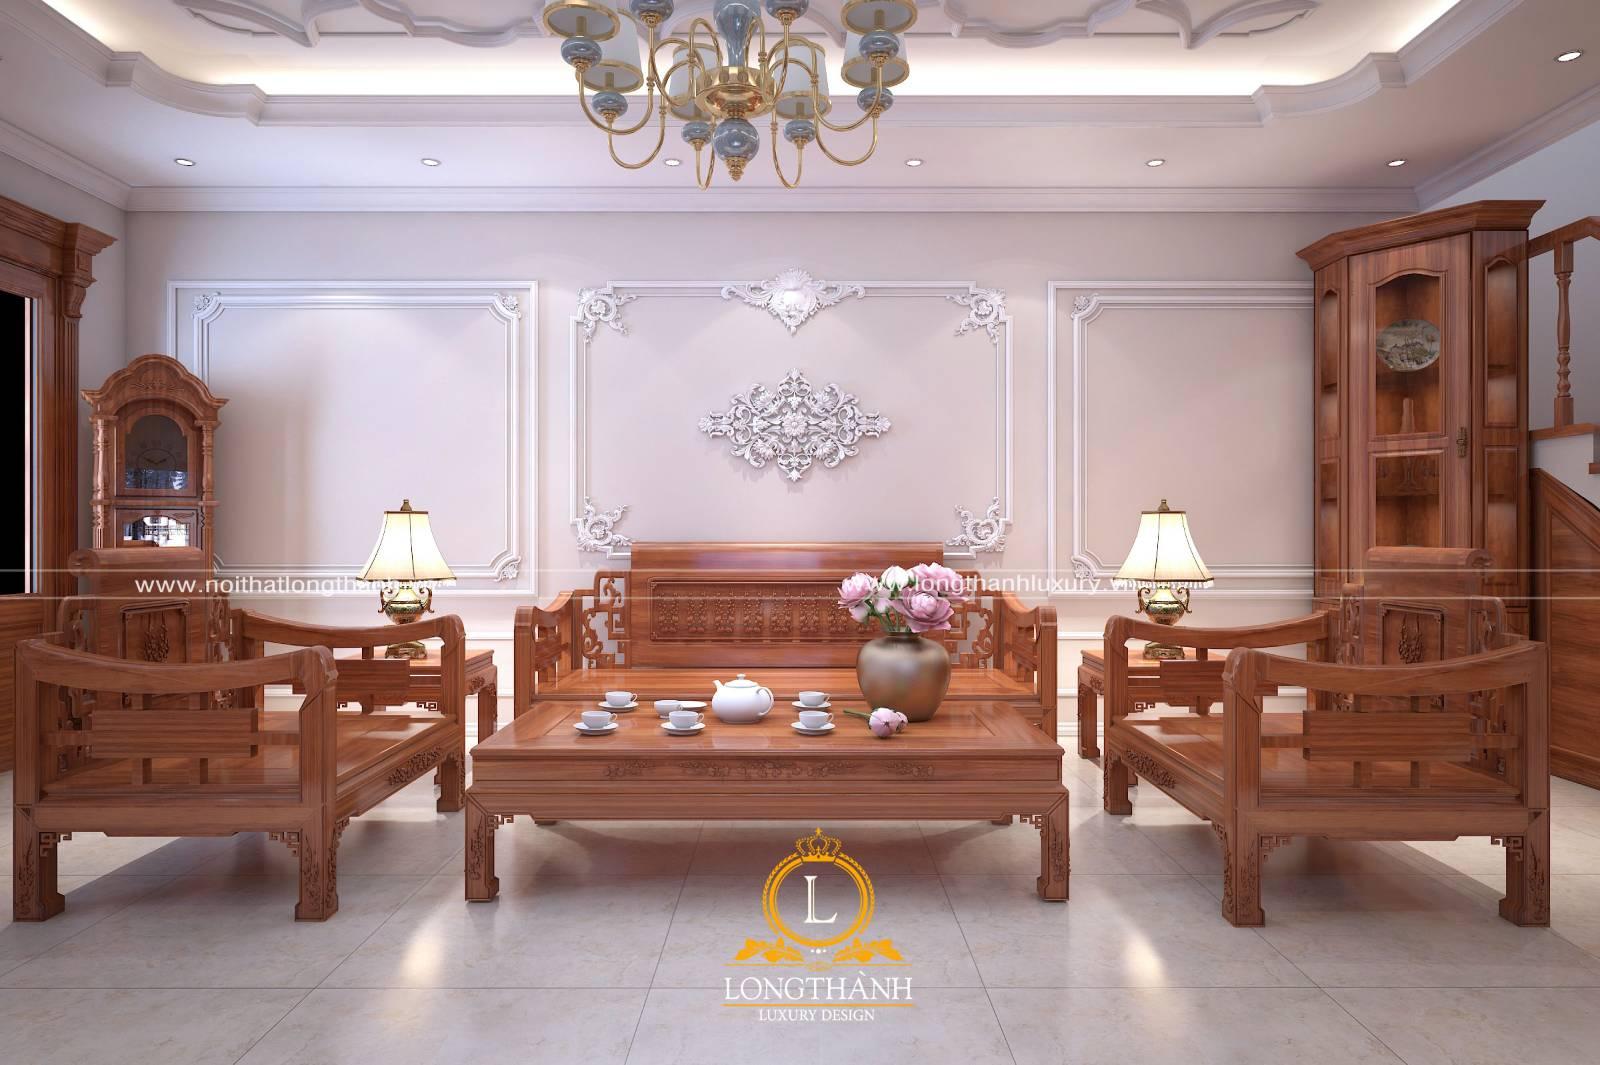 Sofa phòng khách bằng gỗ tự nhiên, vừa đẹp vừa sang